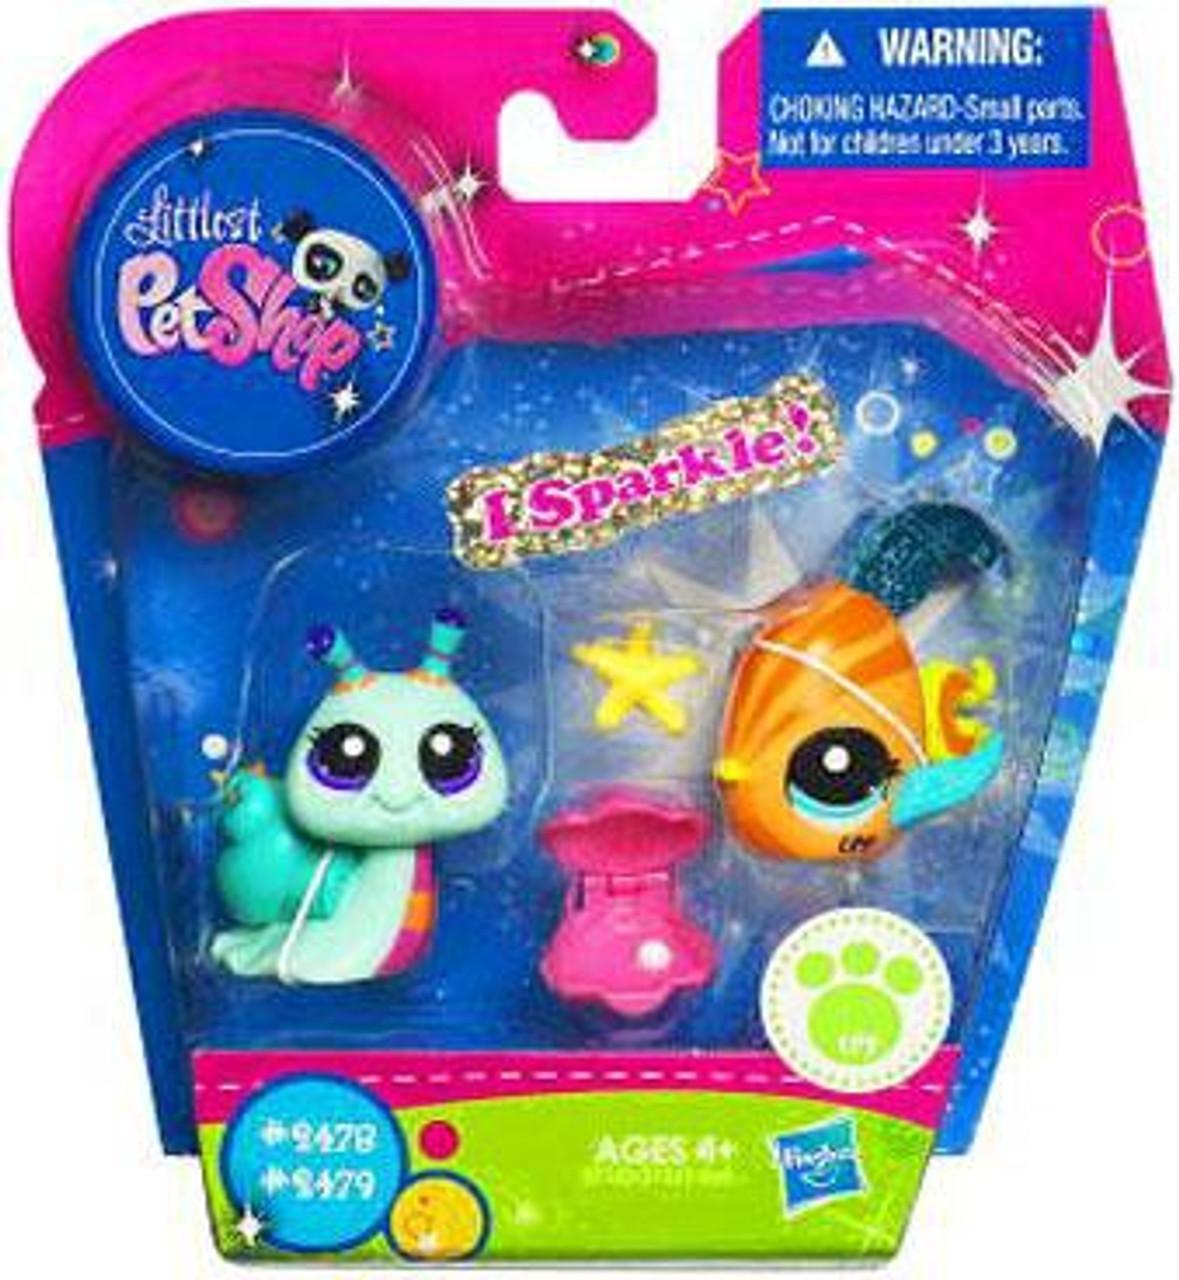 Littlest Pet Shop Fish & Snail Exclusive Figure 2-Pack